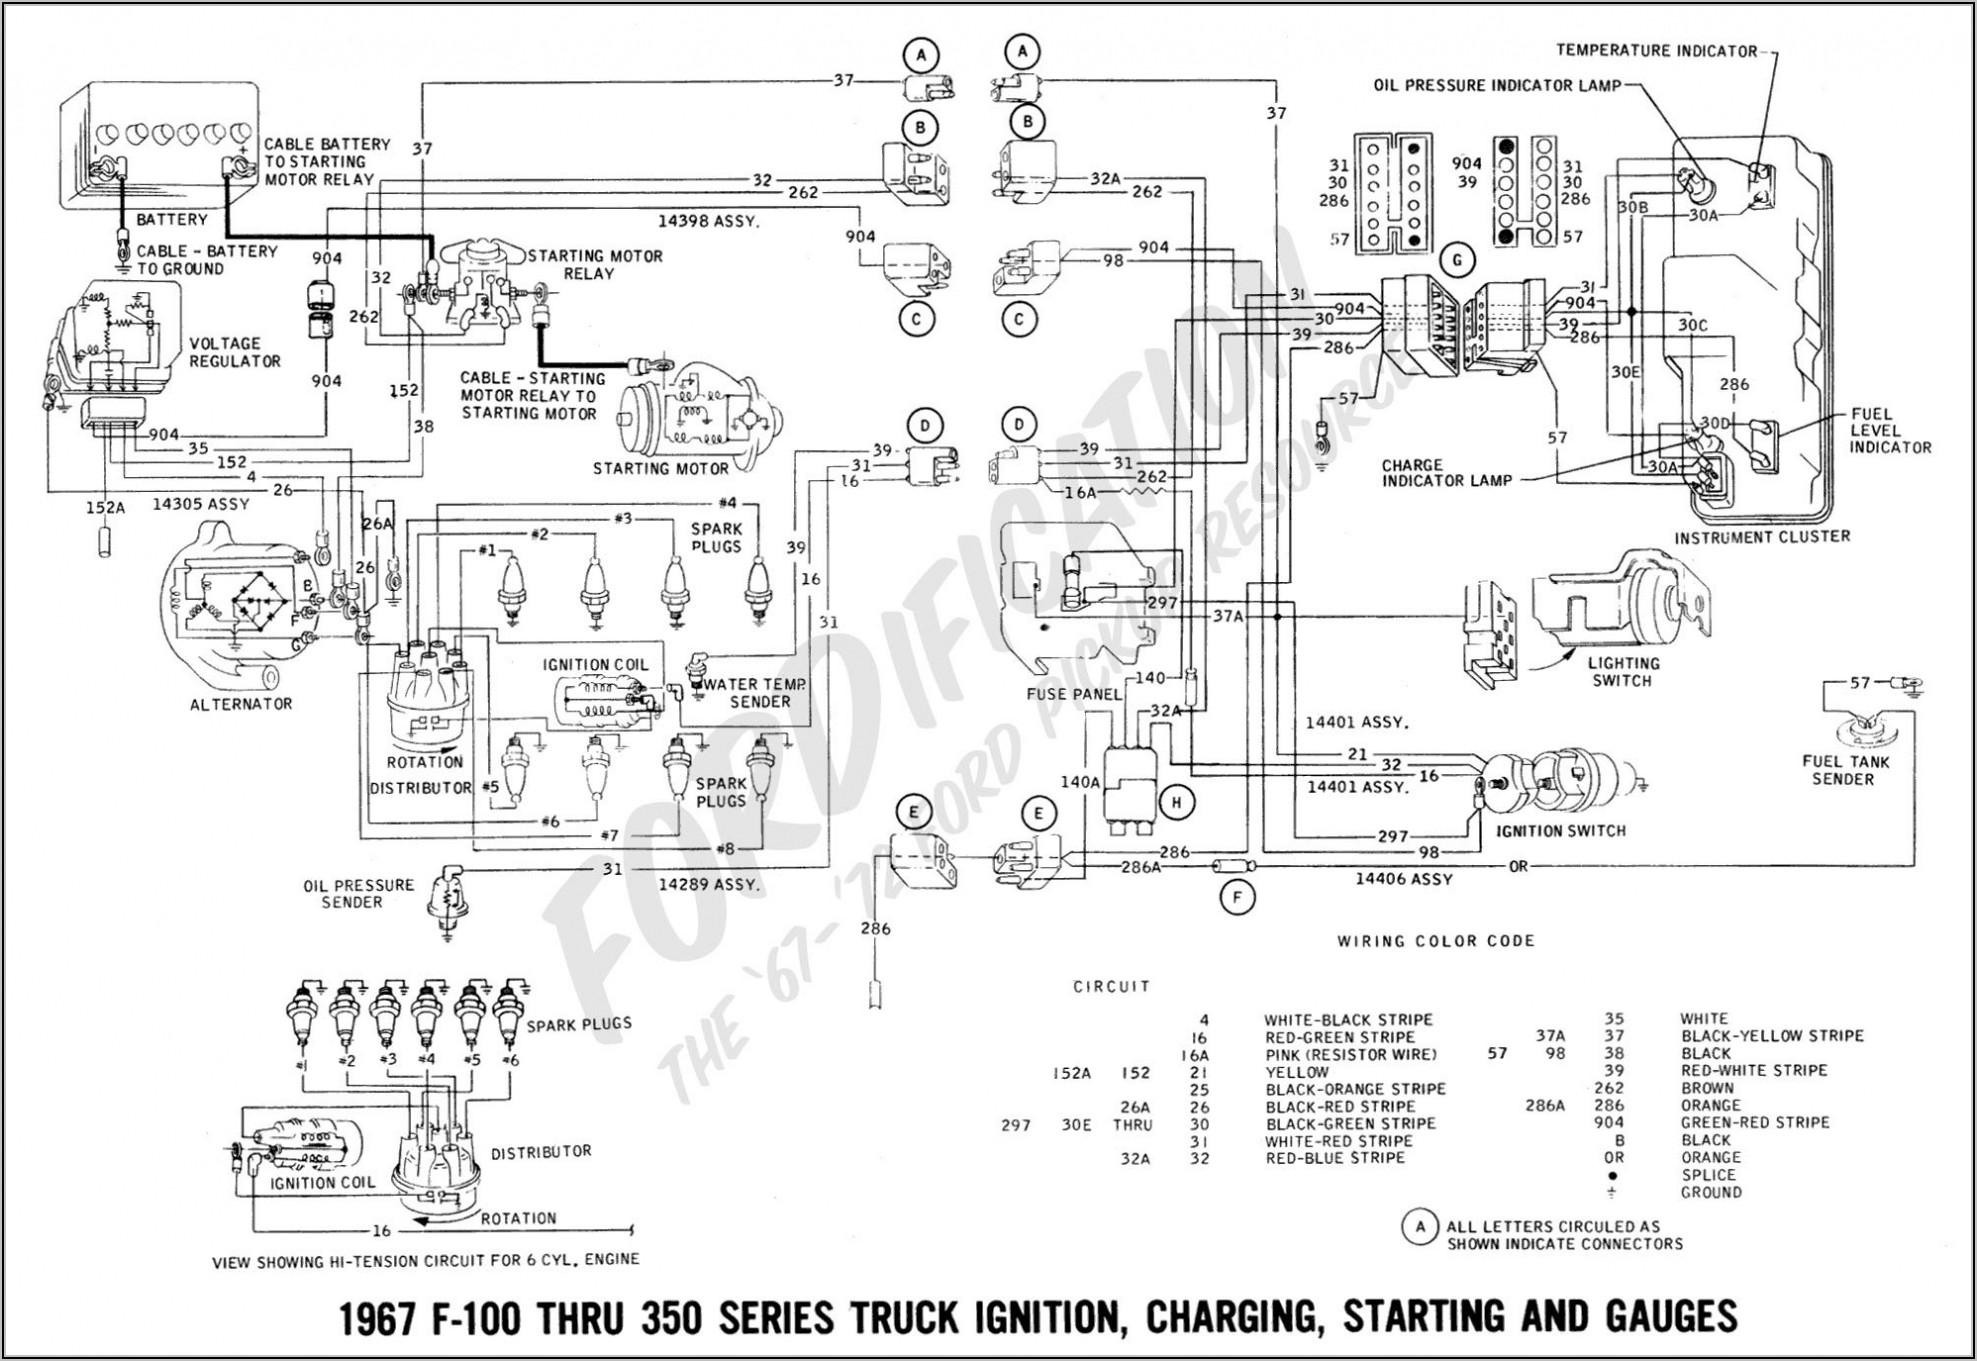 2005 Ford F150 Lariat Fuse Box Diagram